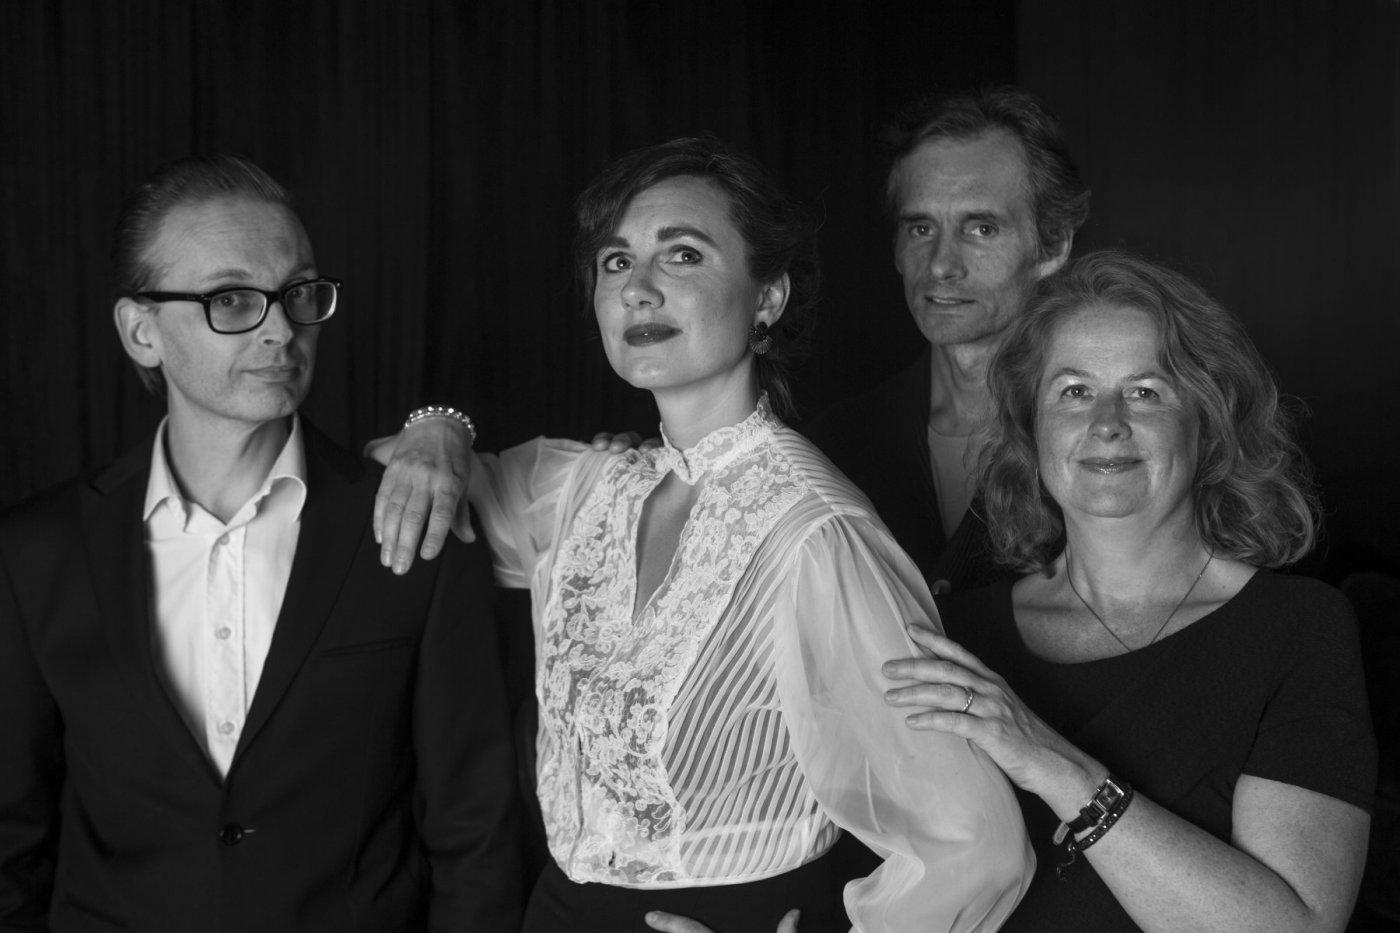 Erik Qvick, Valgerður Guðnadóttir, Guðjón Steinar Þorláksson og Helga Laufey Finnbogadóttir